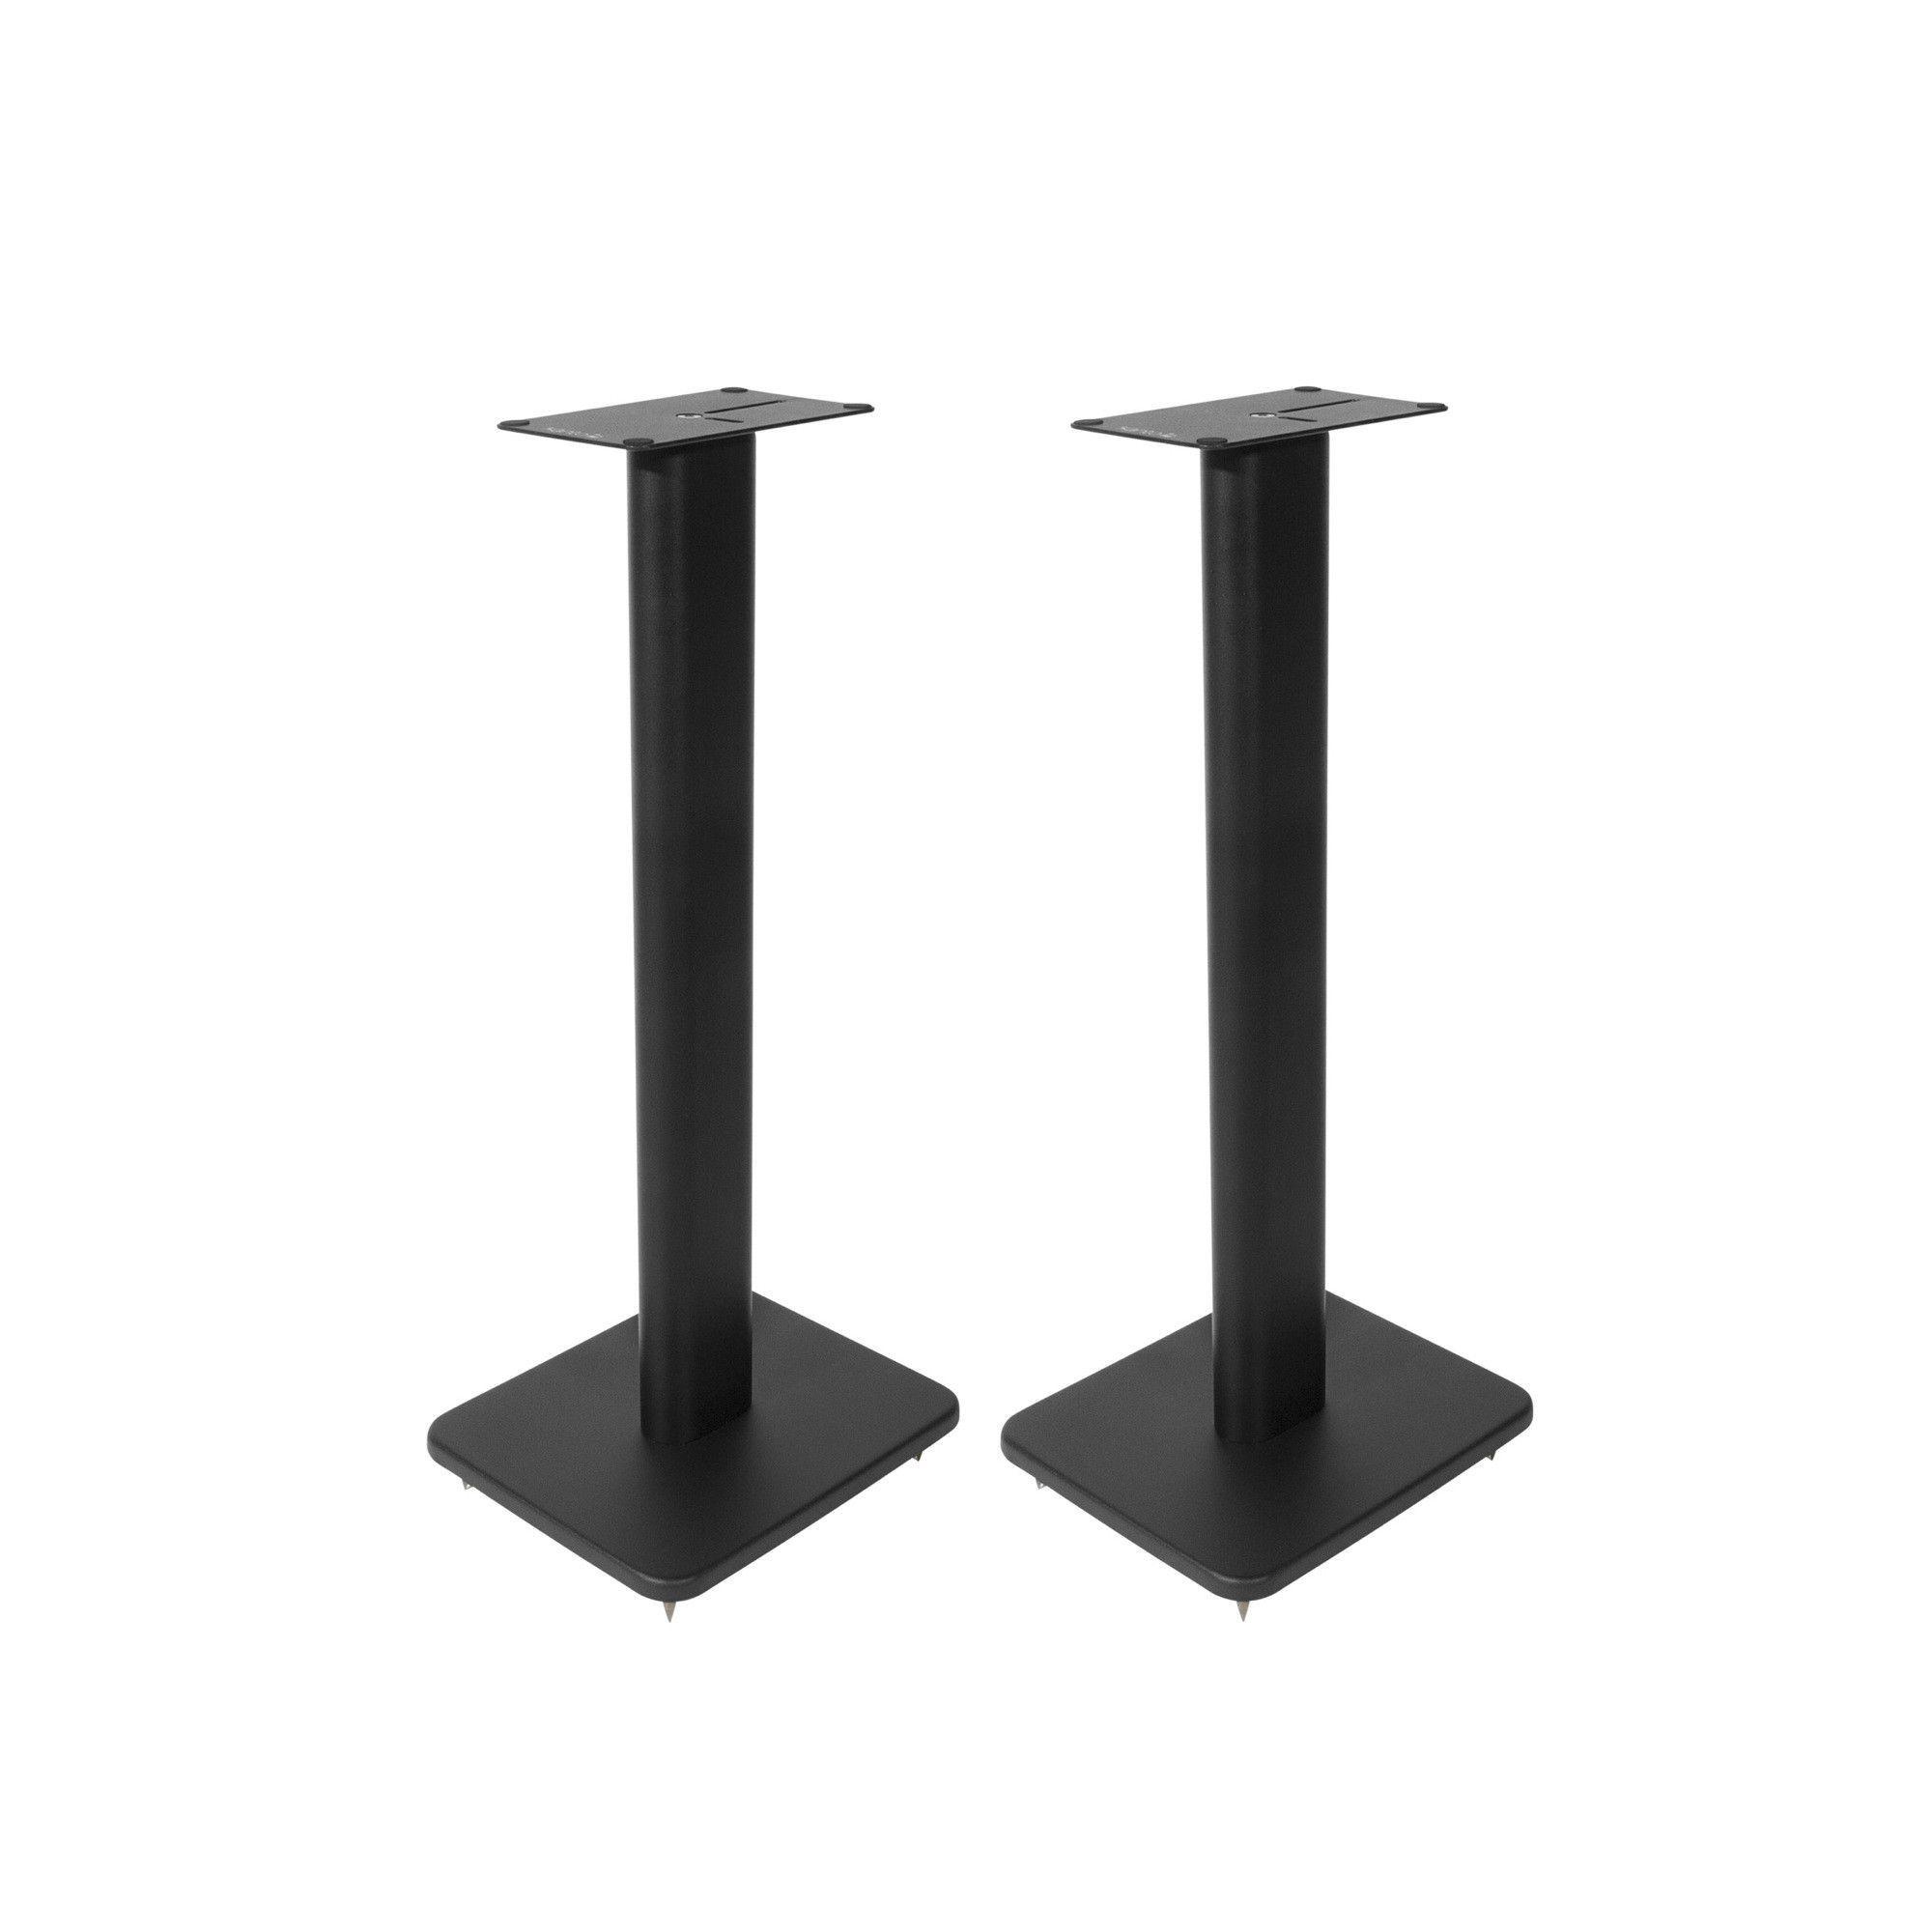 kanto sp26 bookshelf speaker stand | stuff to buy | pinterest